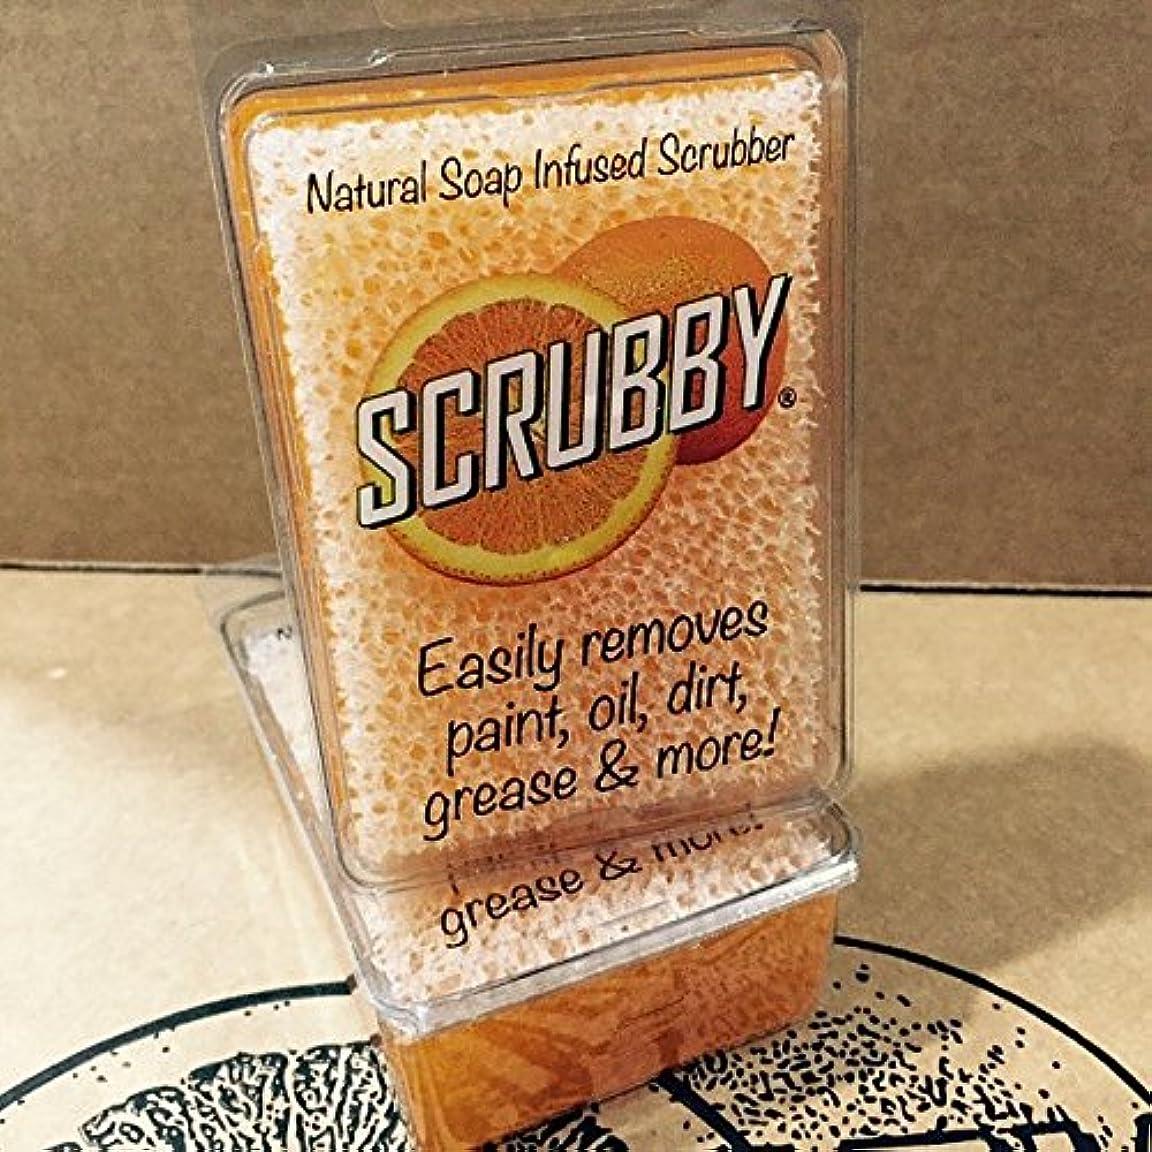 回答類似性層Scrubby Soap OriginalオレンジCitrus Cleaner scrubbyorg1